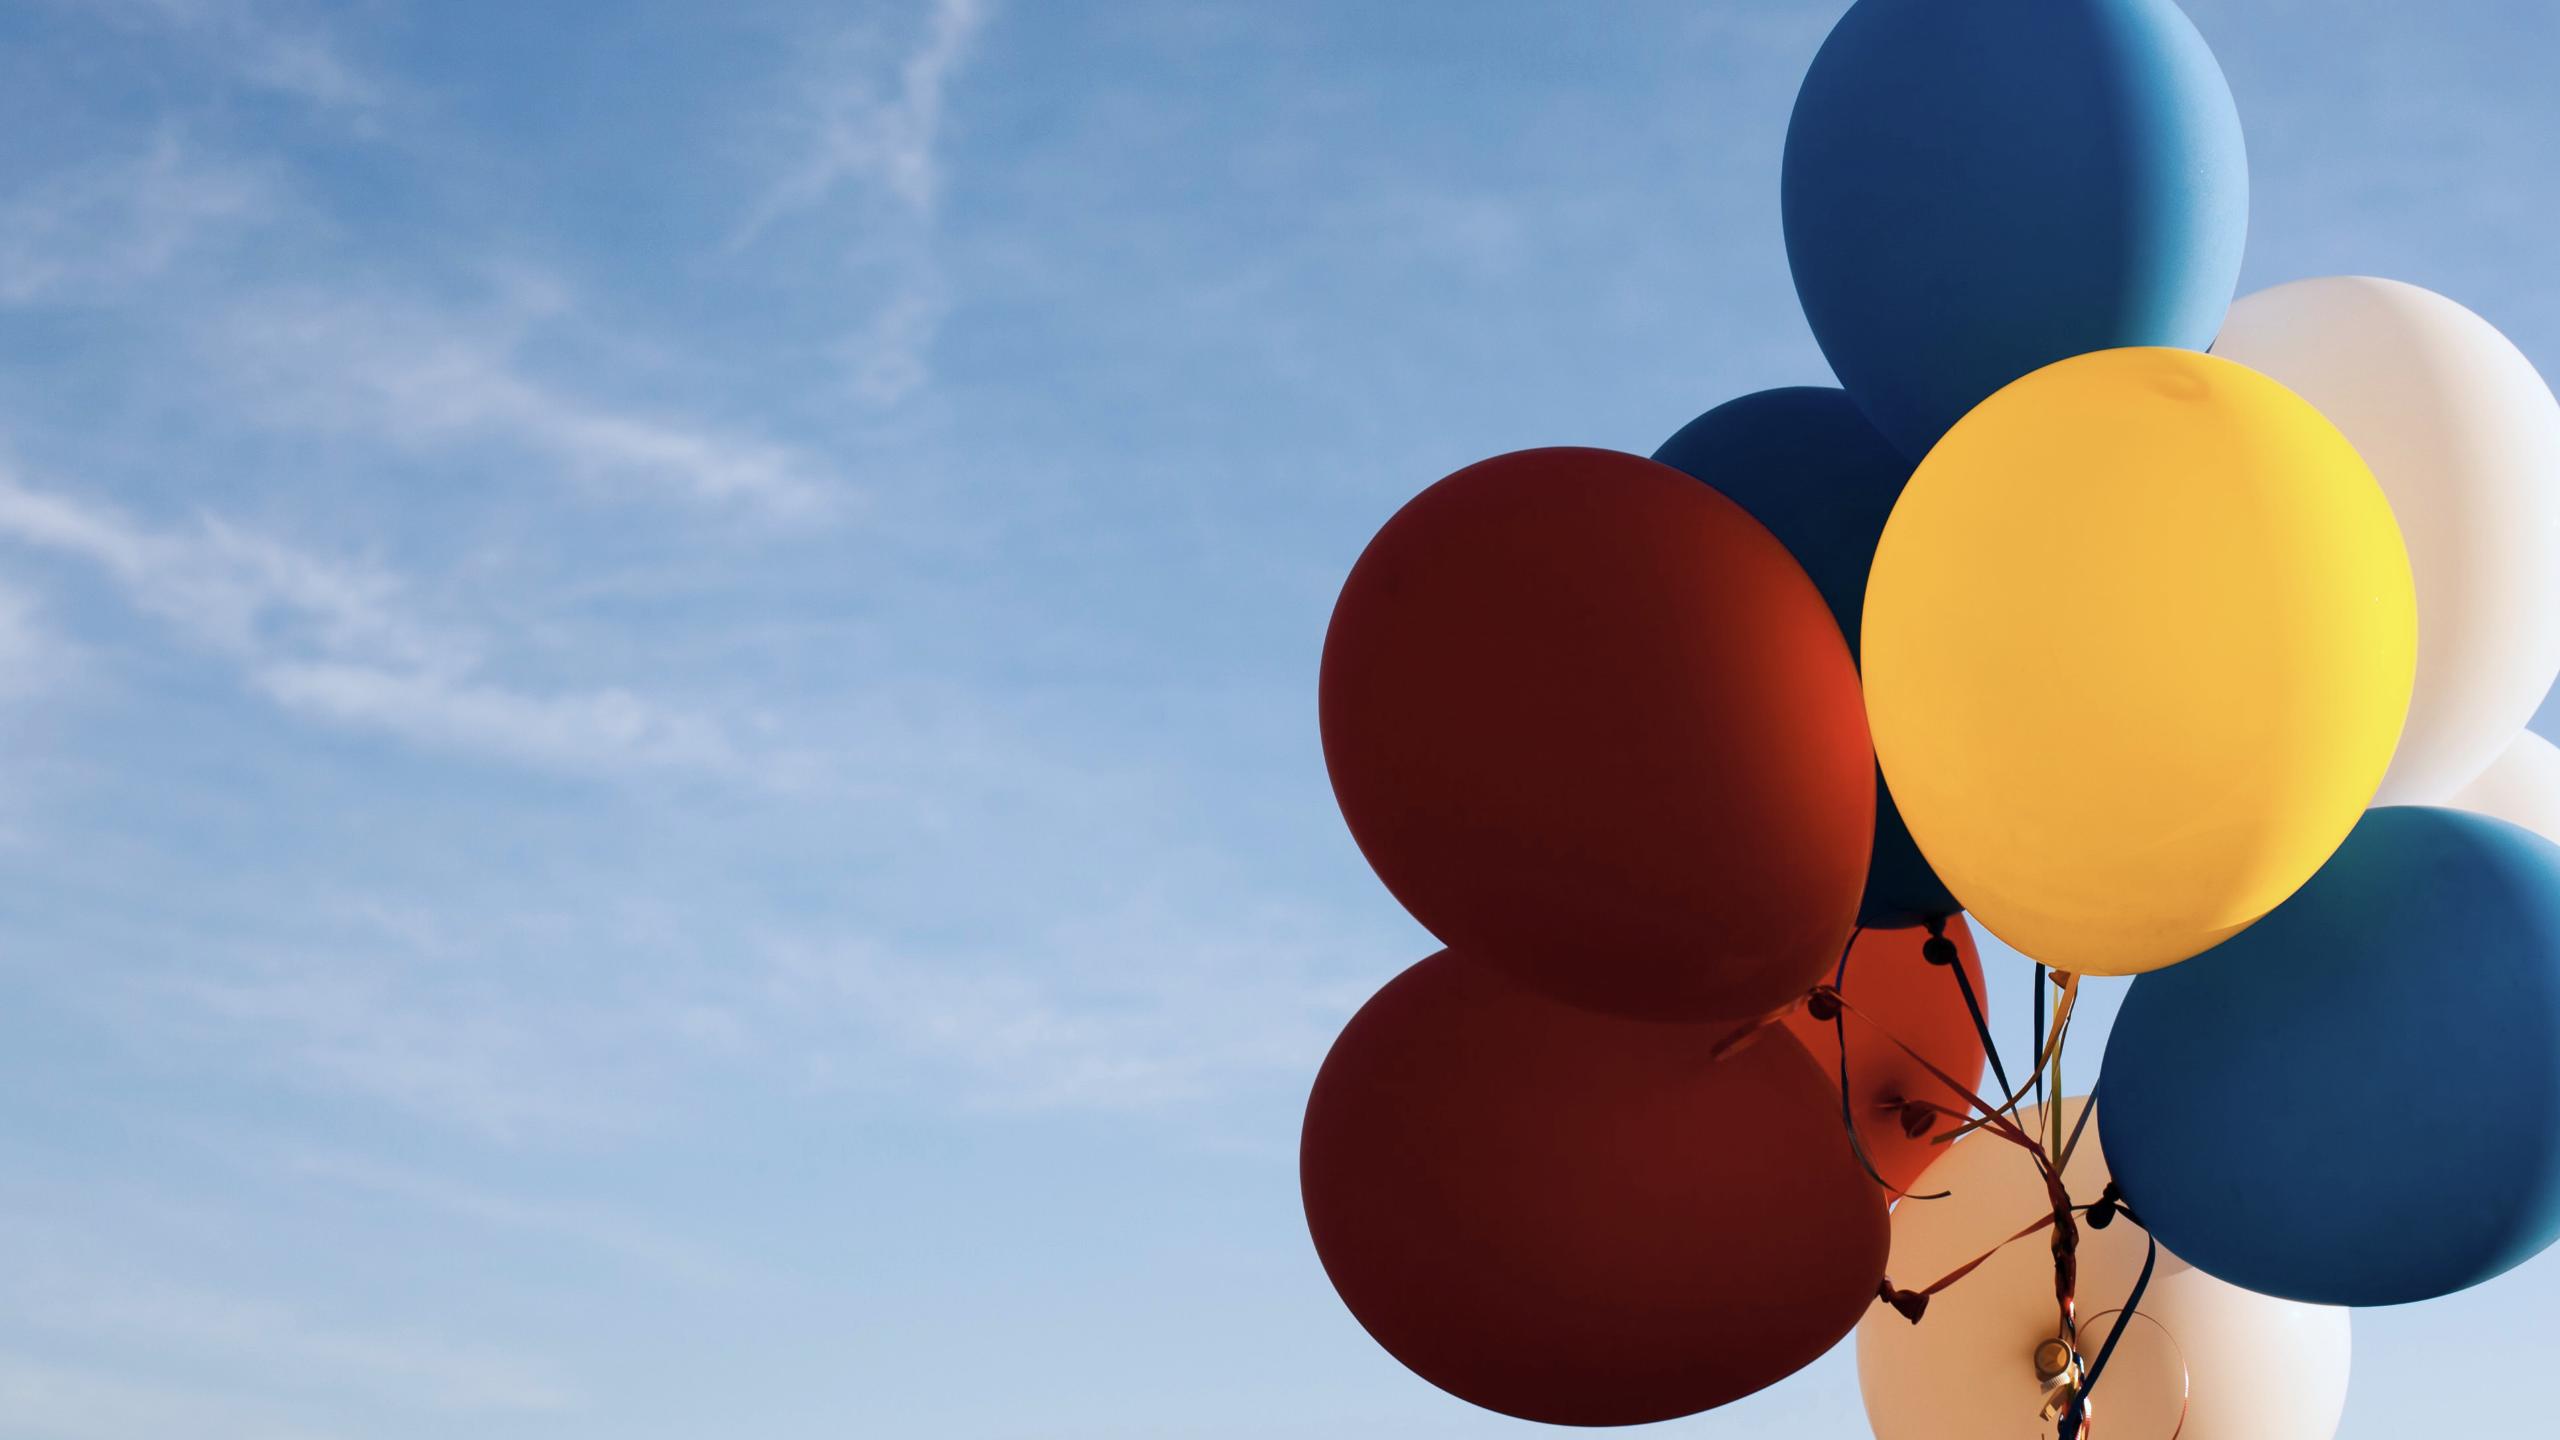 Co víme o štěstí